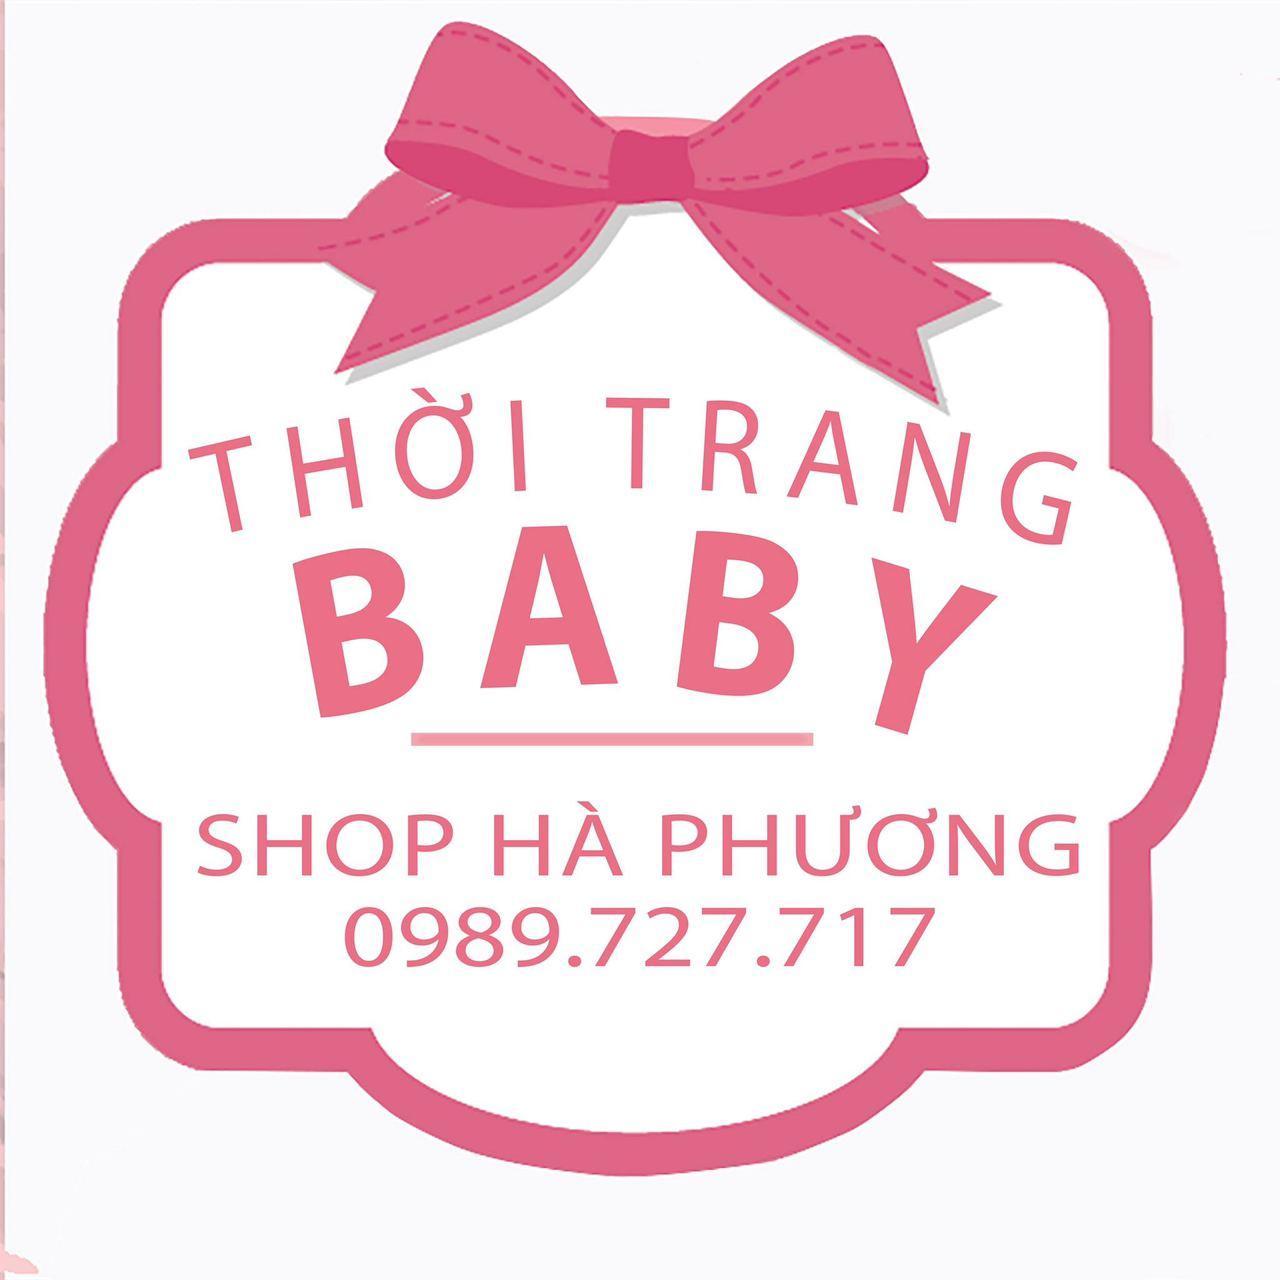 Shop Hà Phương